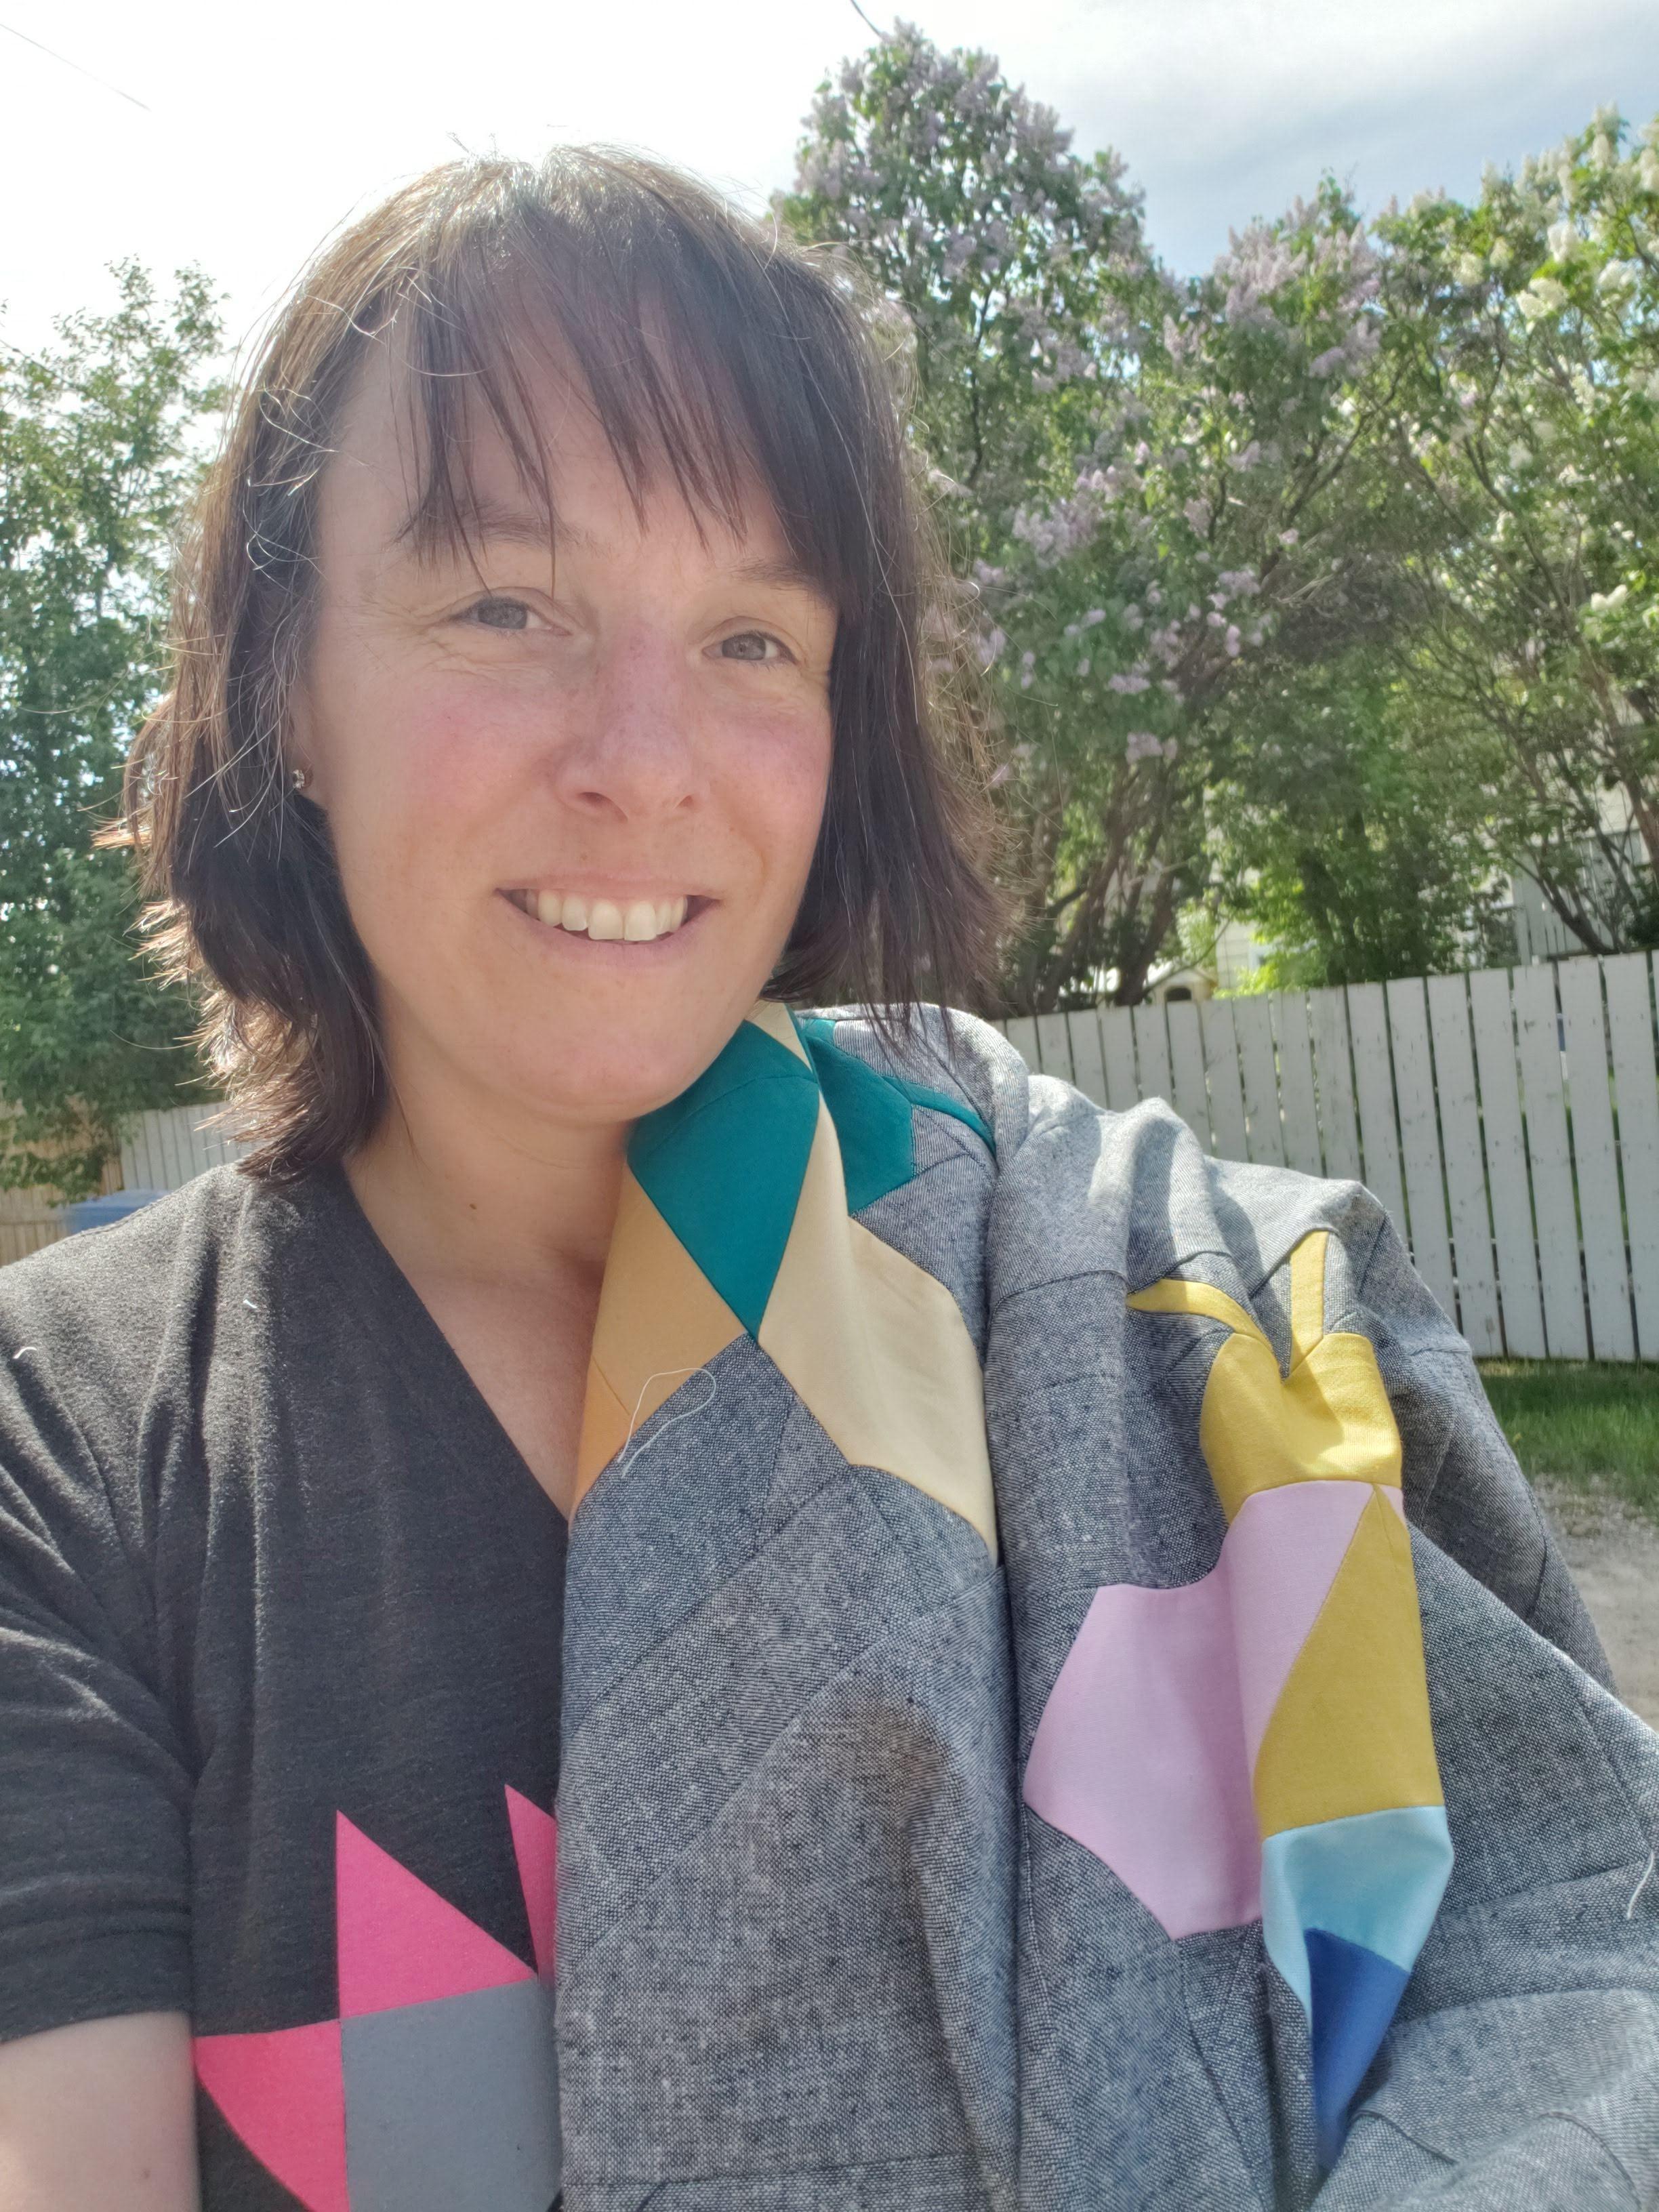 Cheryl Arkison Firefly quilt